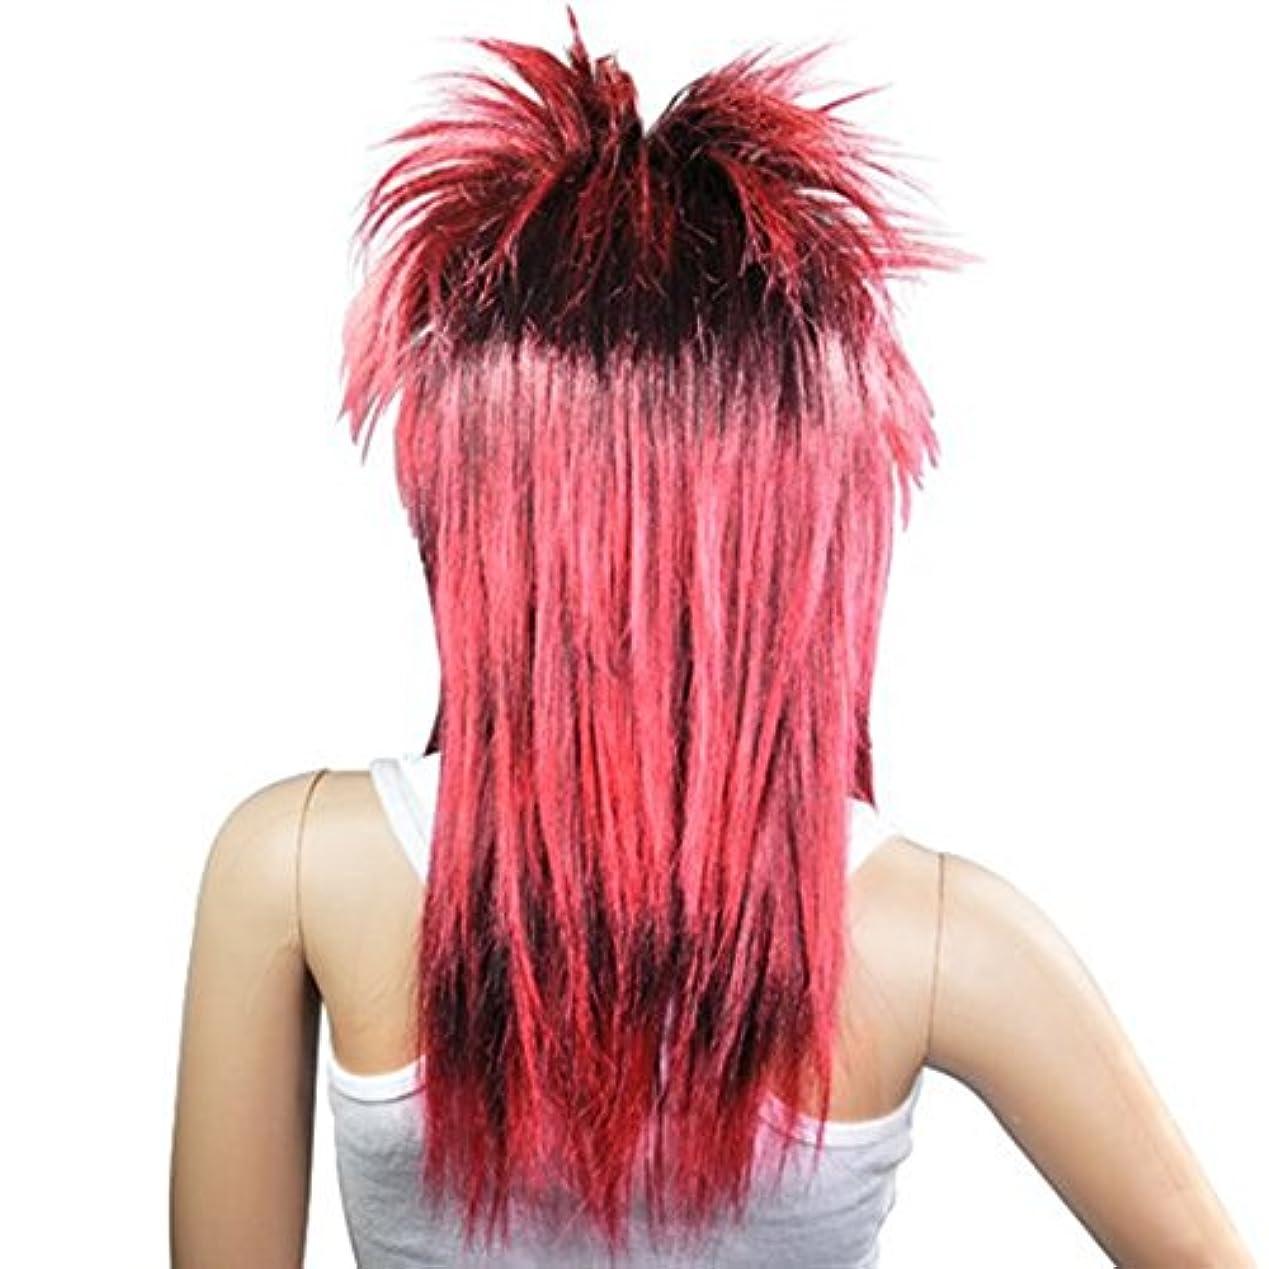 返済ニュージーランド執着Gaoominy 赤黒 女性の魅力的なパンクロッカーチックティナ?ターナーカーニバルかつら仮装コスチューム